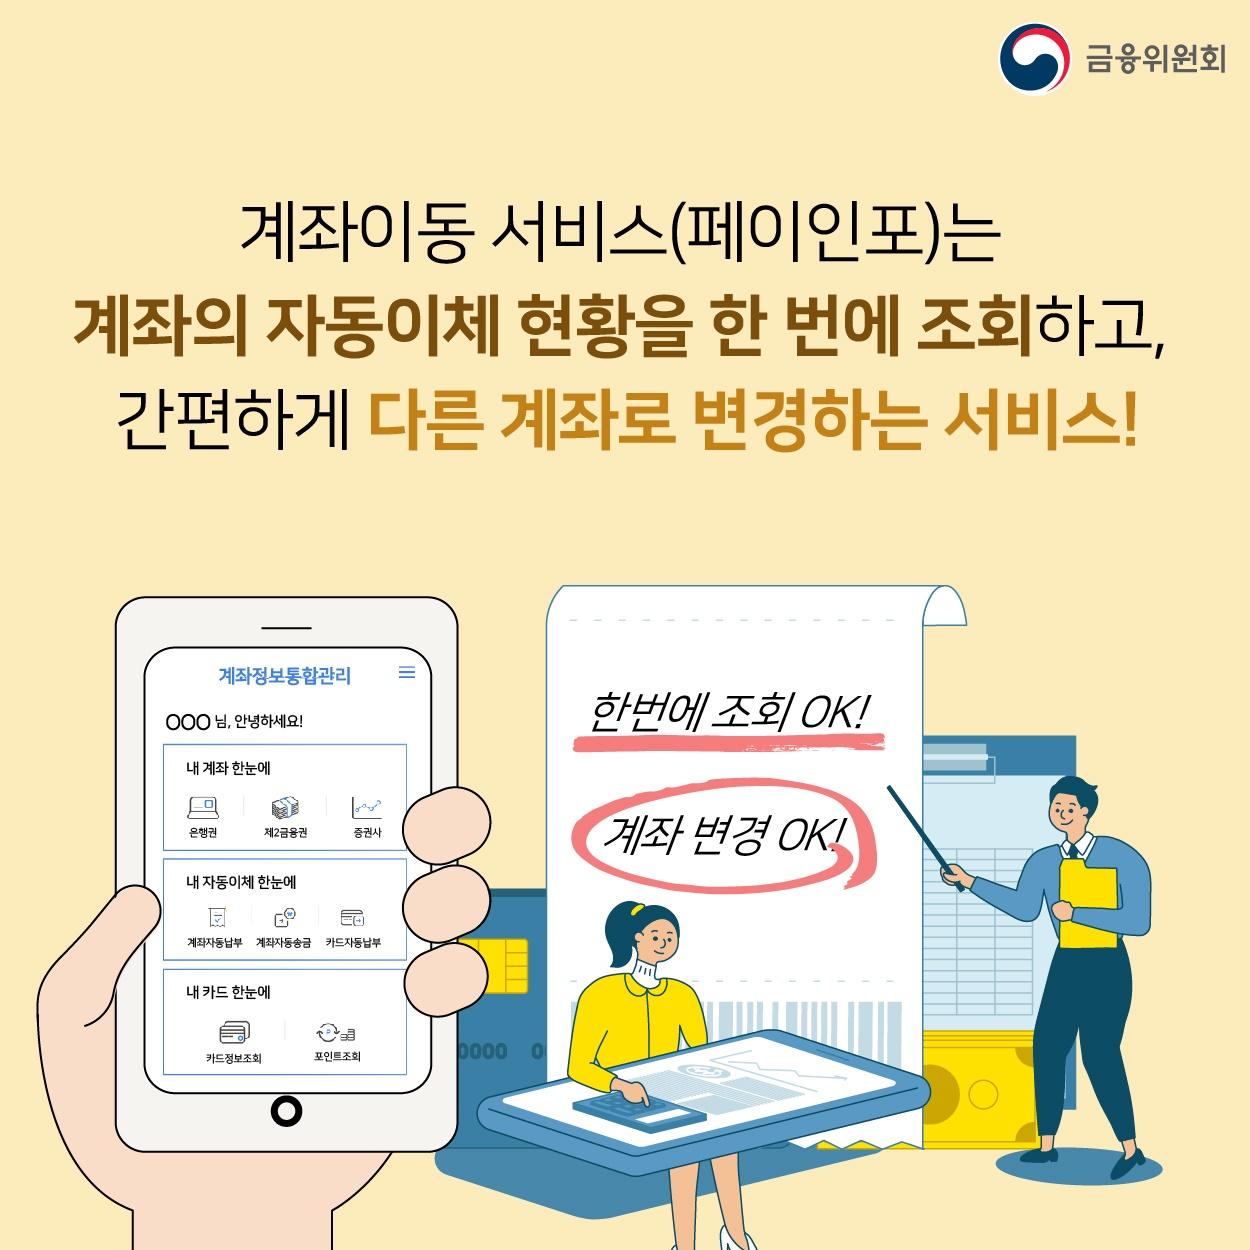 은행 및 제2금융권 간 자동이체 변경 한 번에!